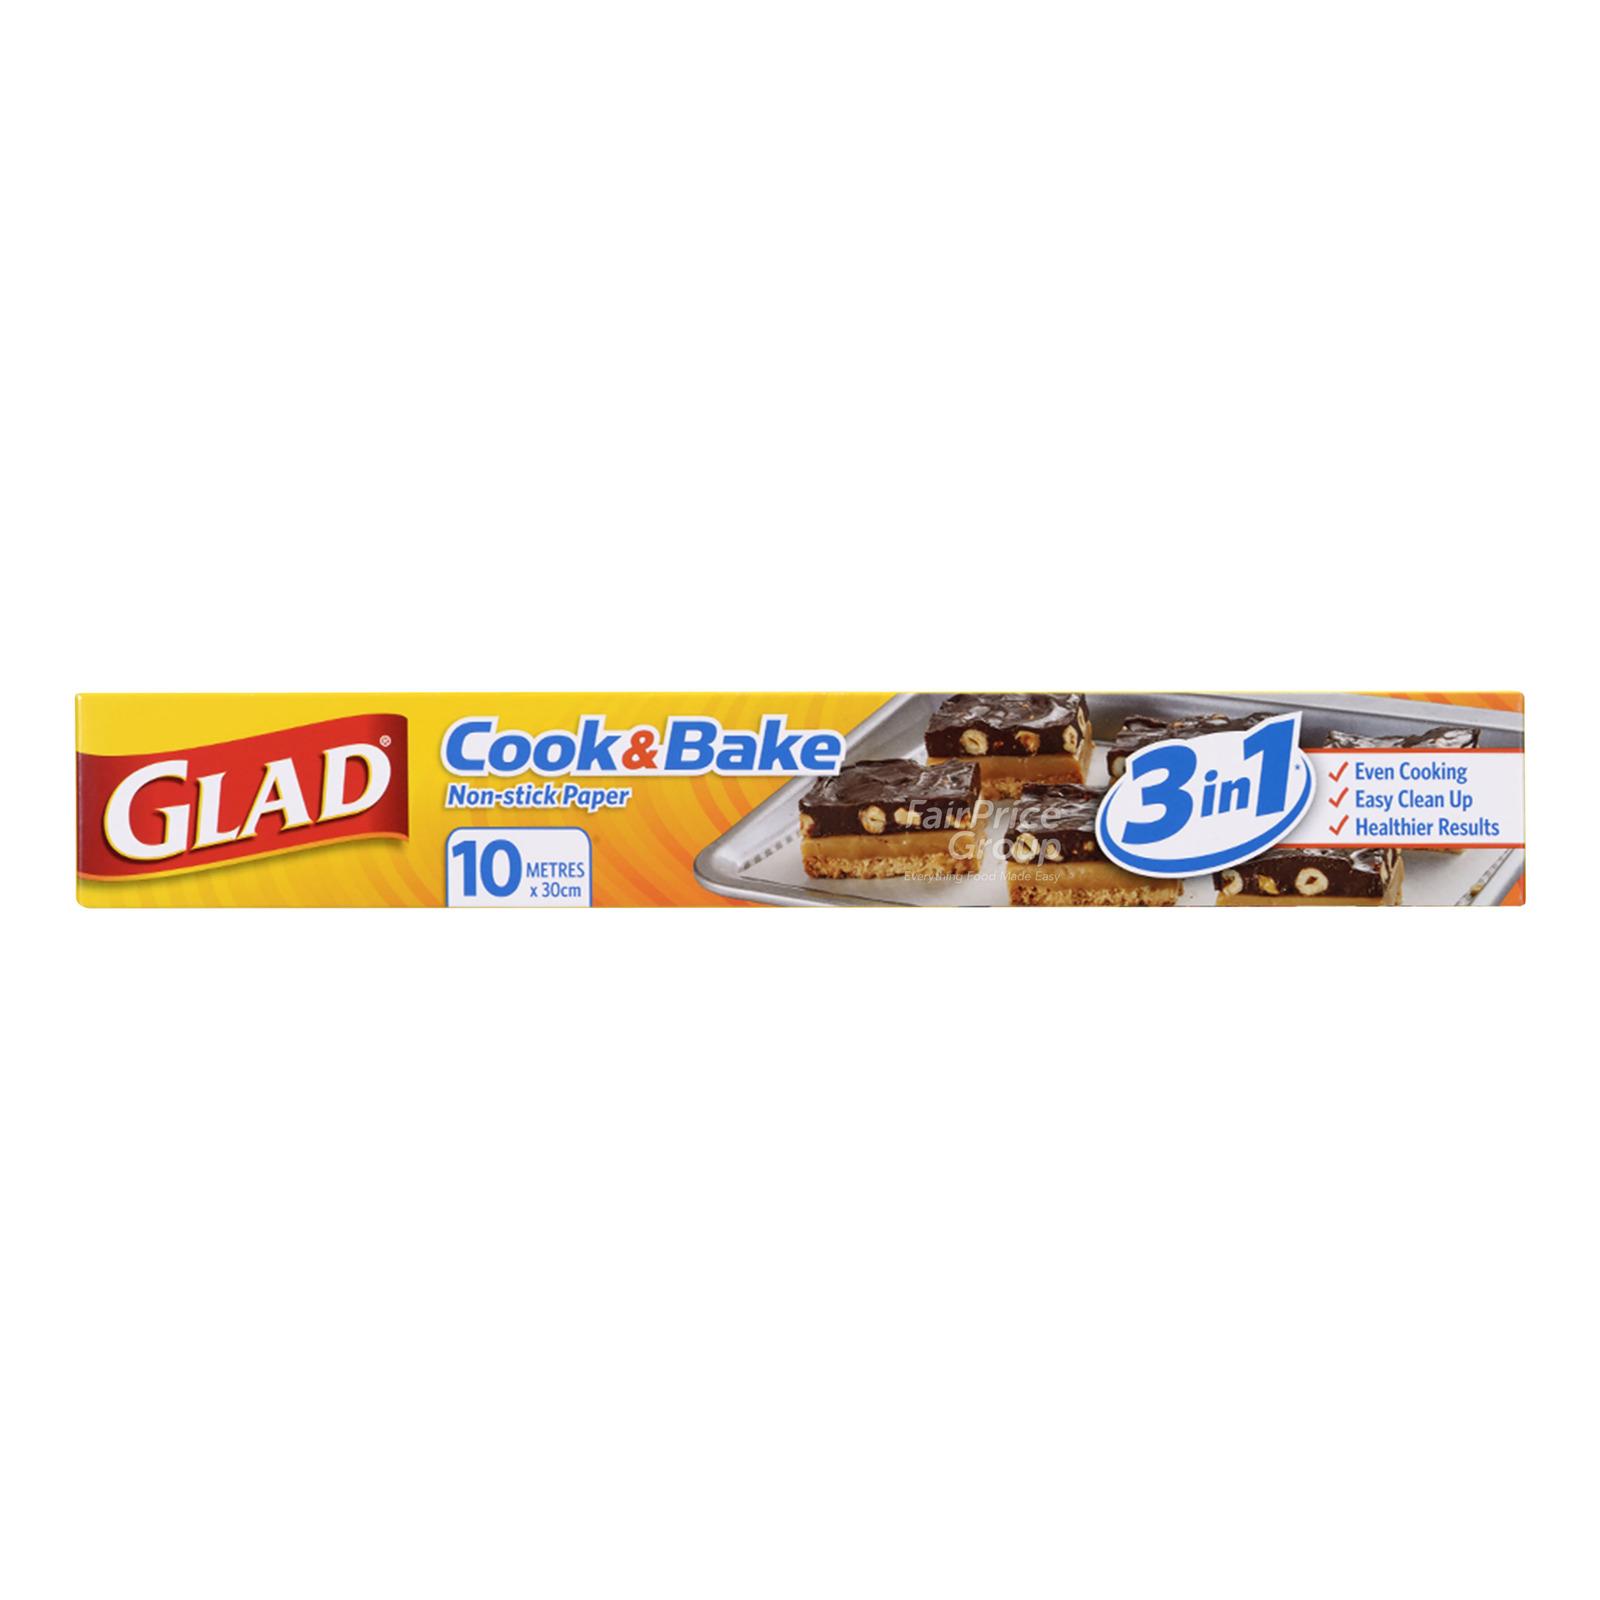 Glad Cook & Bake Non-stick Paper (10m)